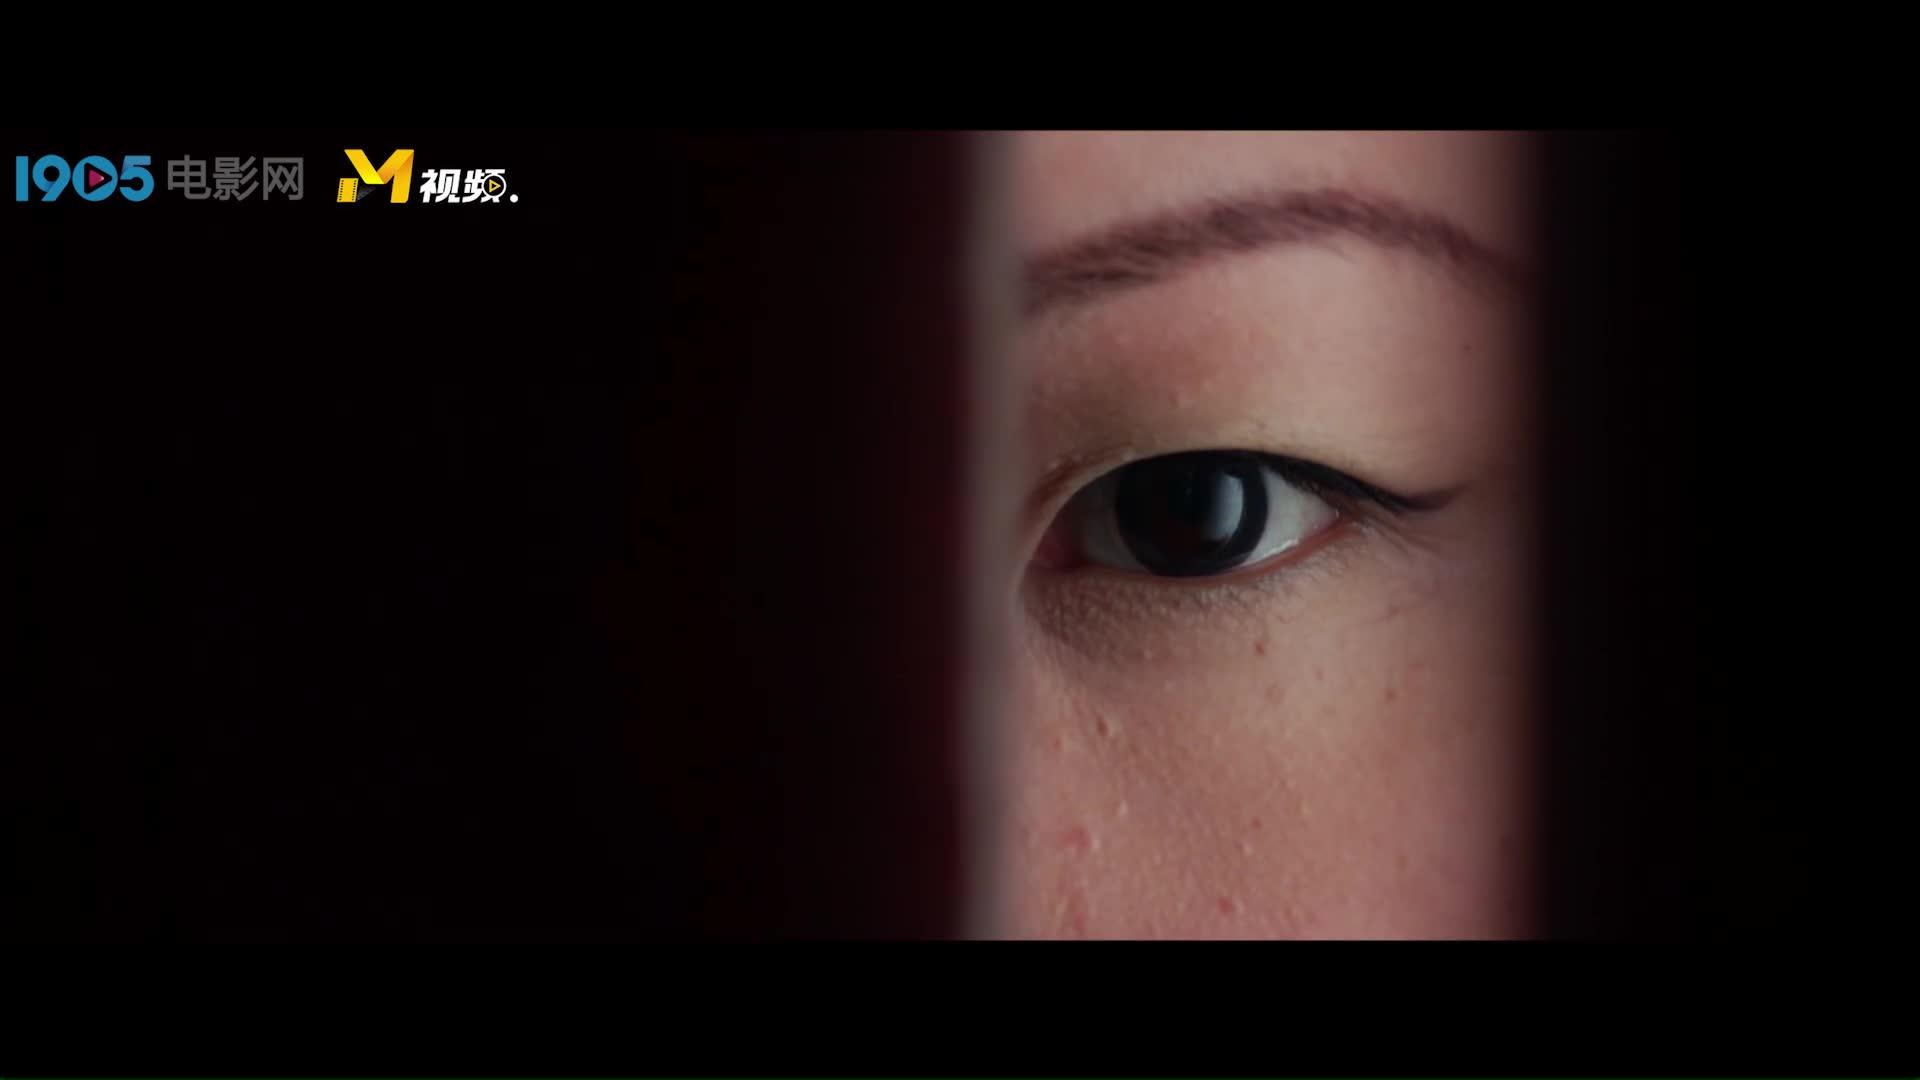 谁说相声演员不适合演电影,李菁这浓眉大眼的就挺上镜